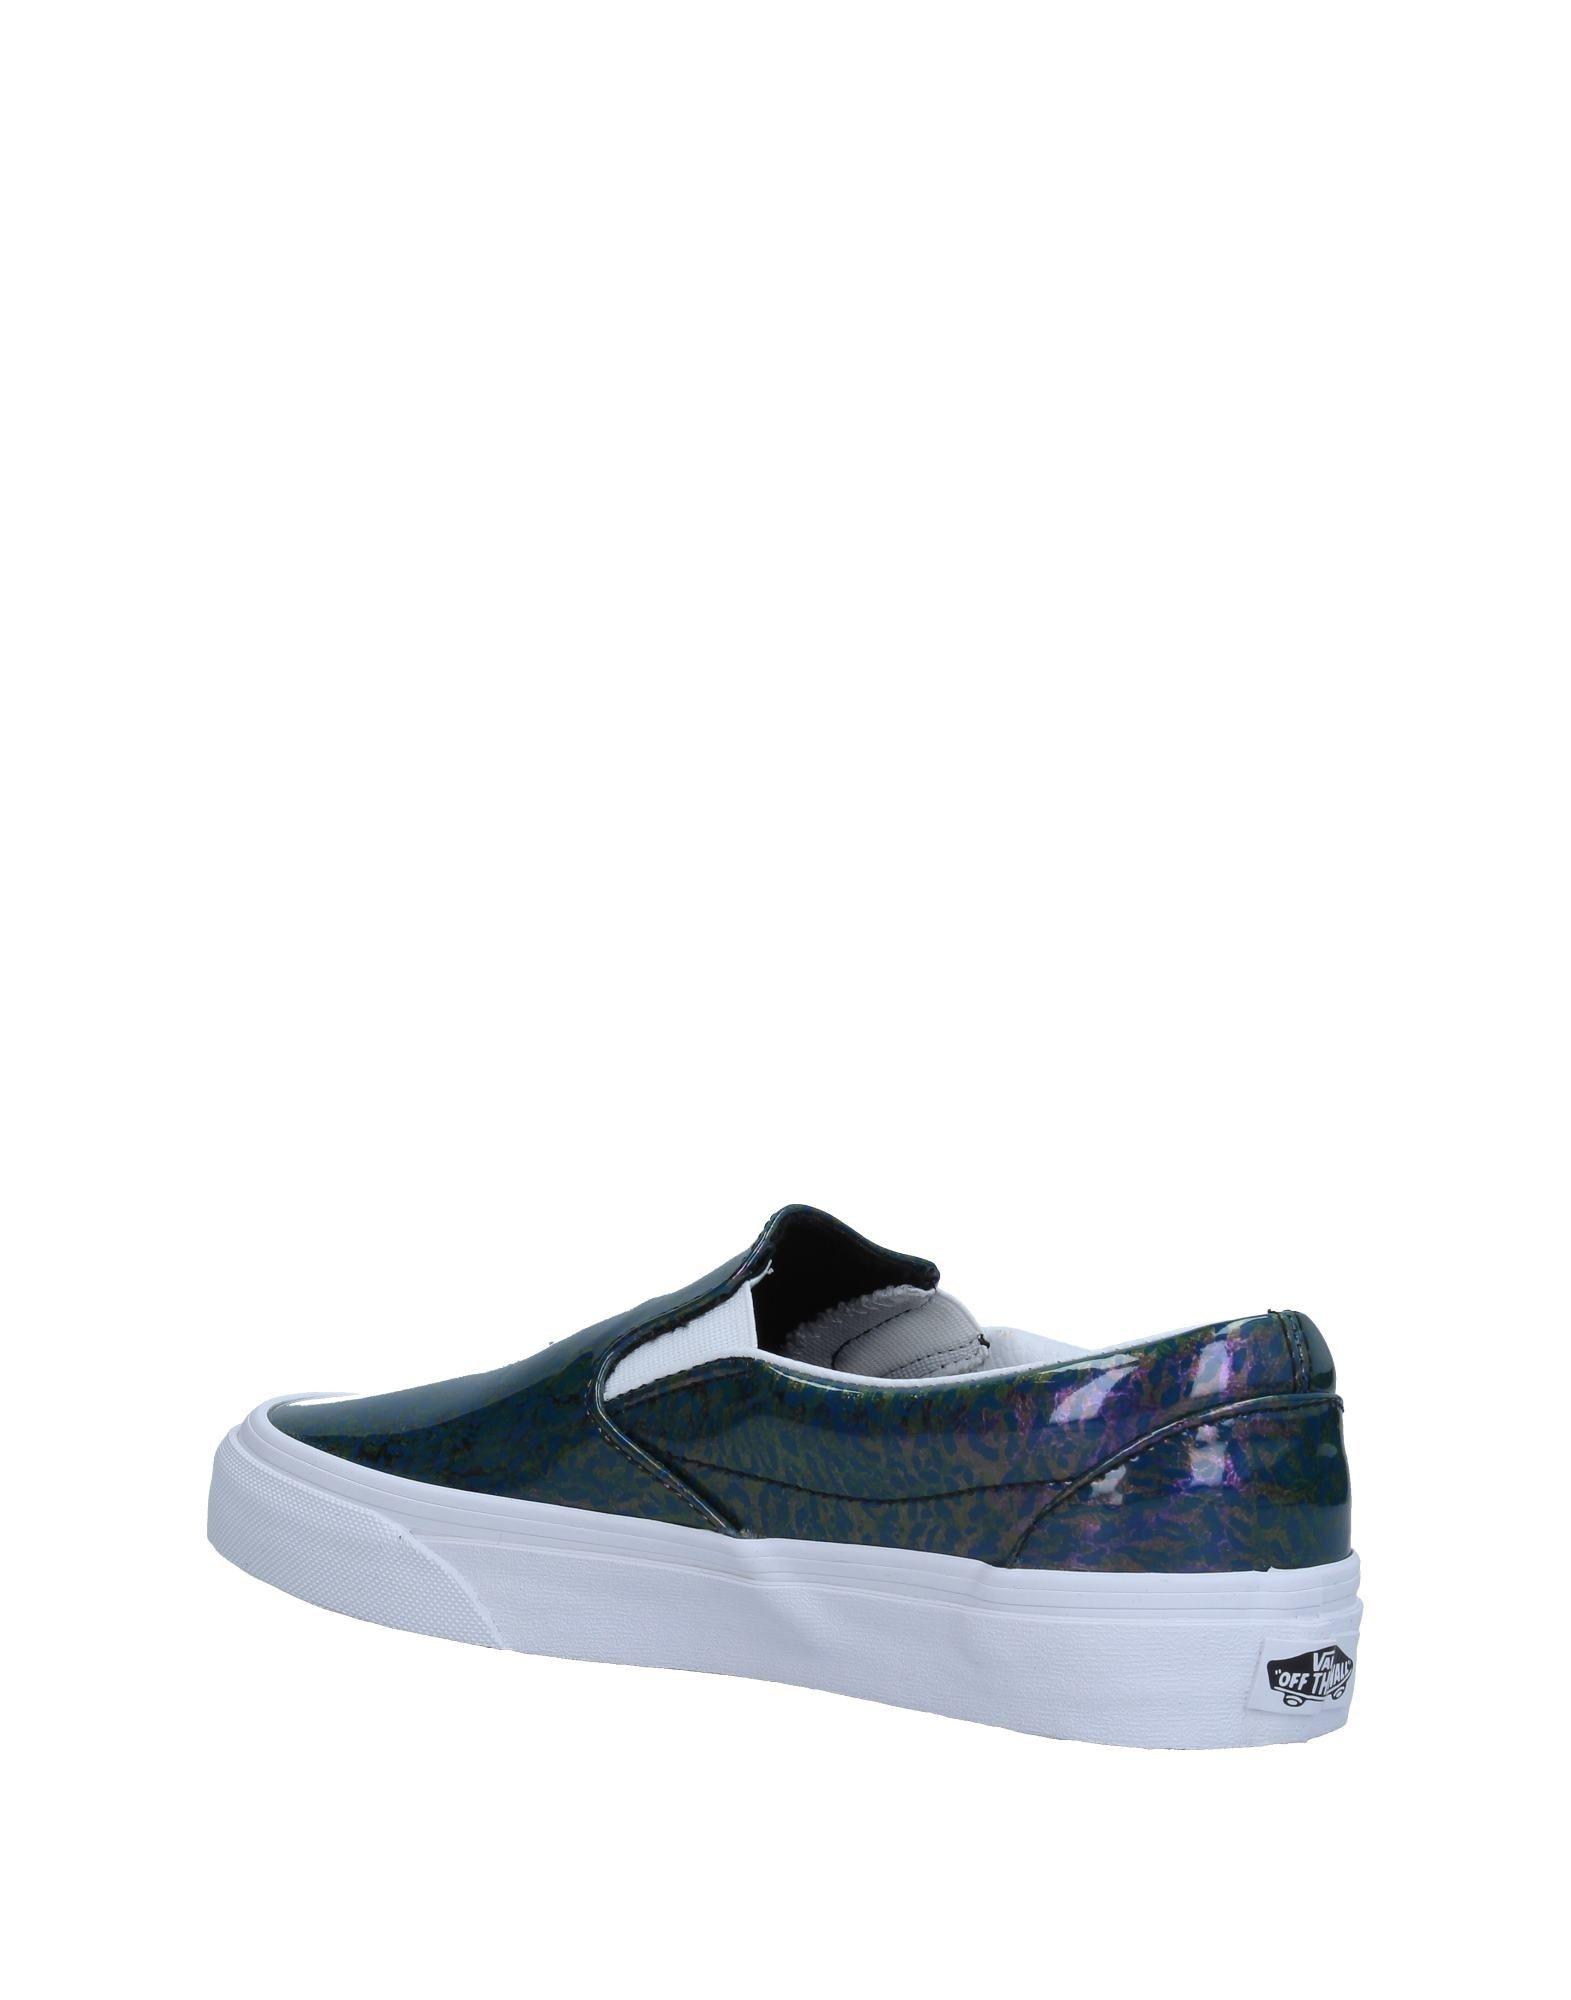 Vans Sneakers Damen  11313246PS Gute Schuhe Qualität beliebte Schuhe Gute 7085f6